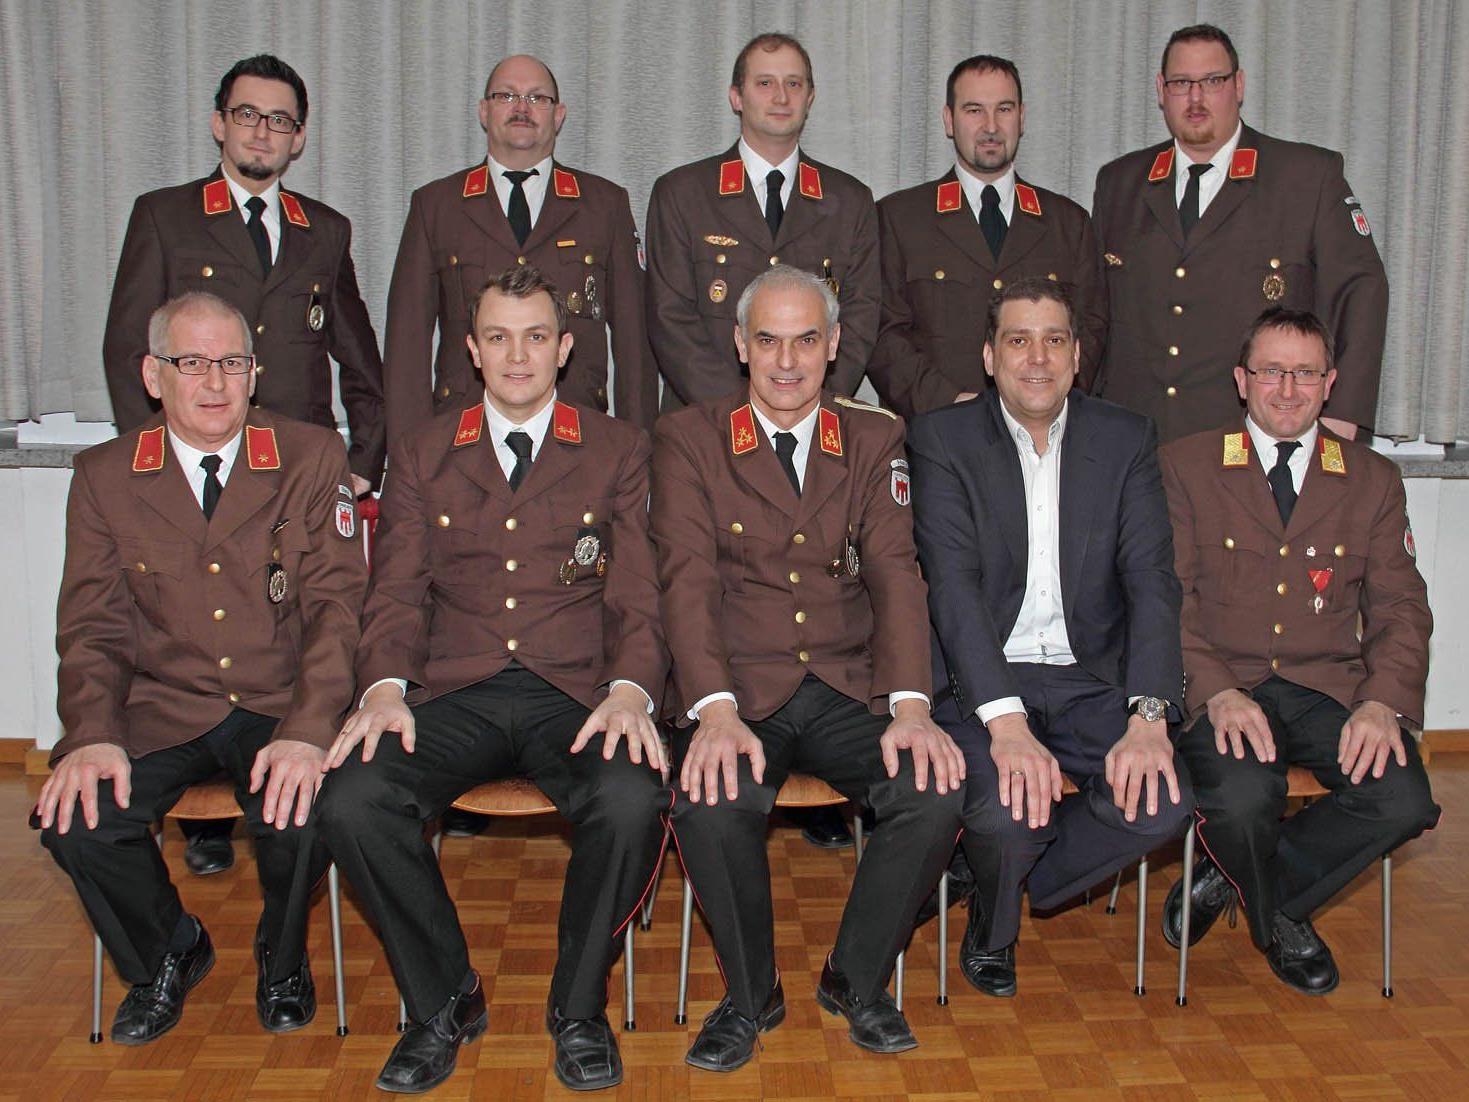 Der Feuerwehrausschuss mit Bürgermeister Harald Köhlmeier und Armin Schneider.